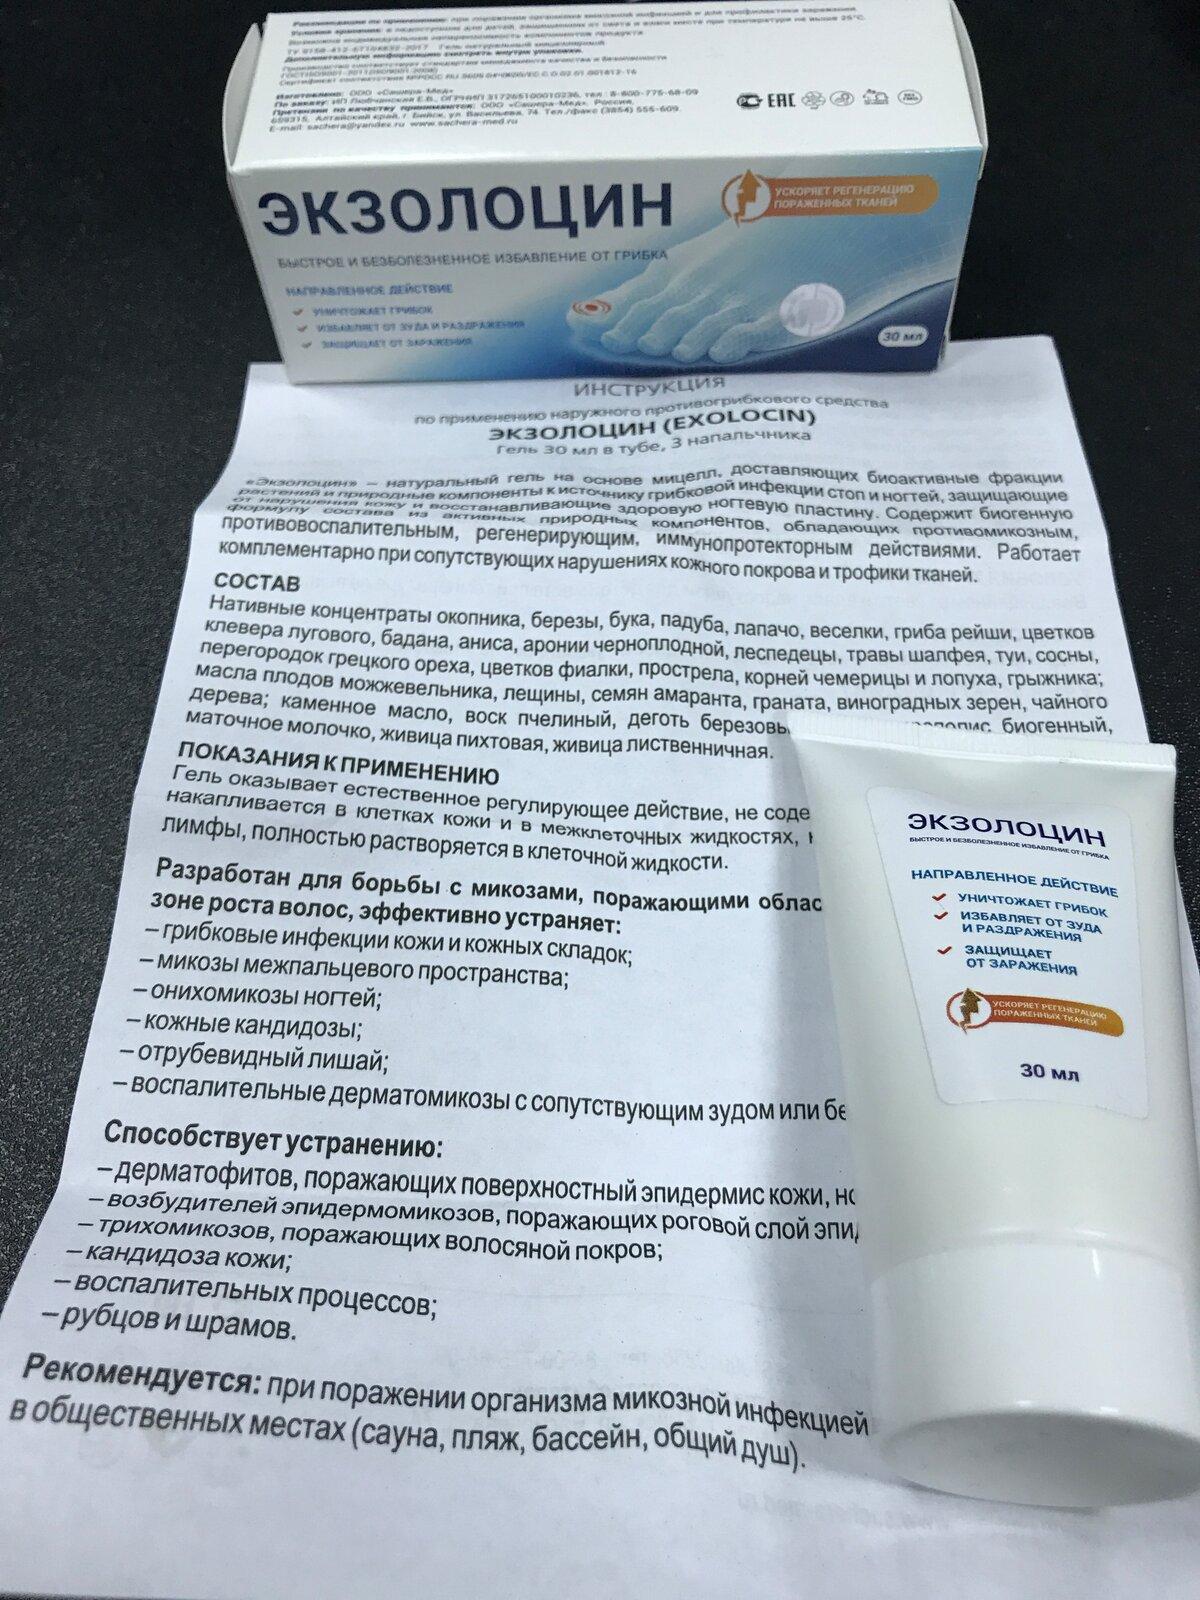 Экзолоцин от грибка в Новокузнецке